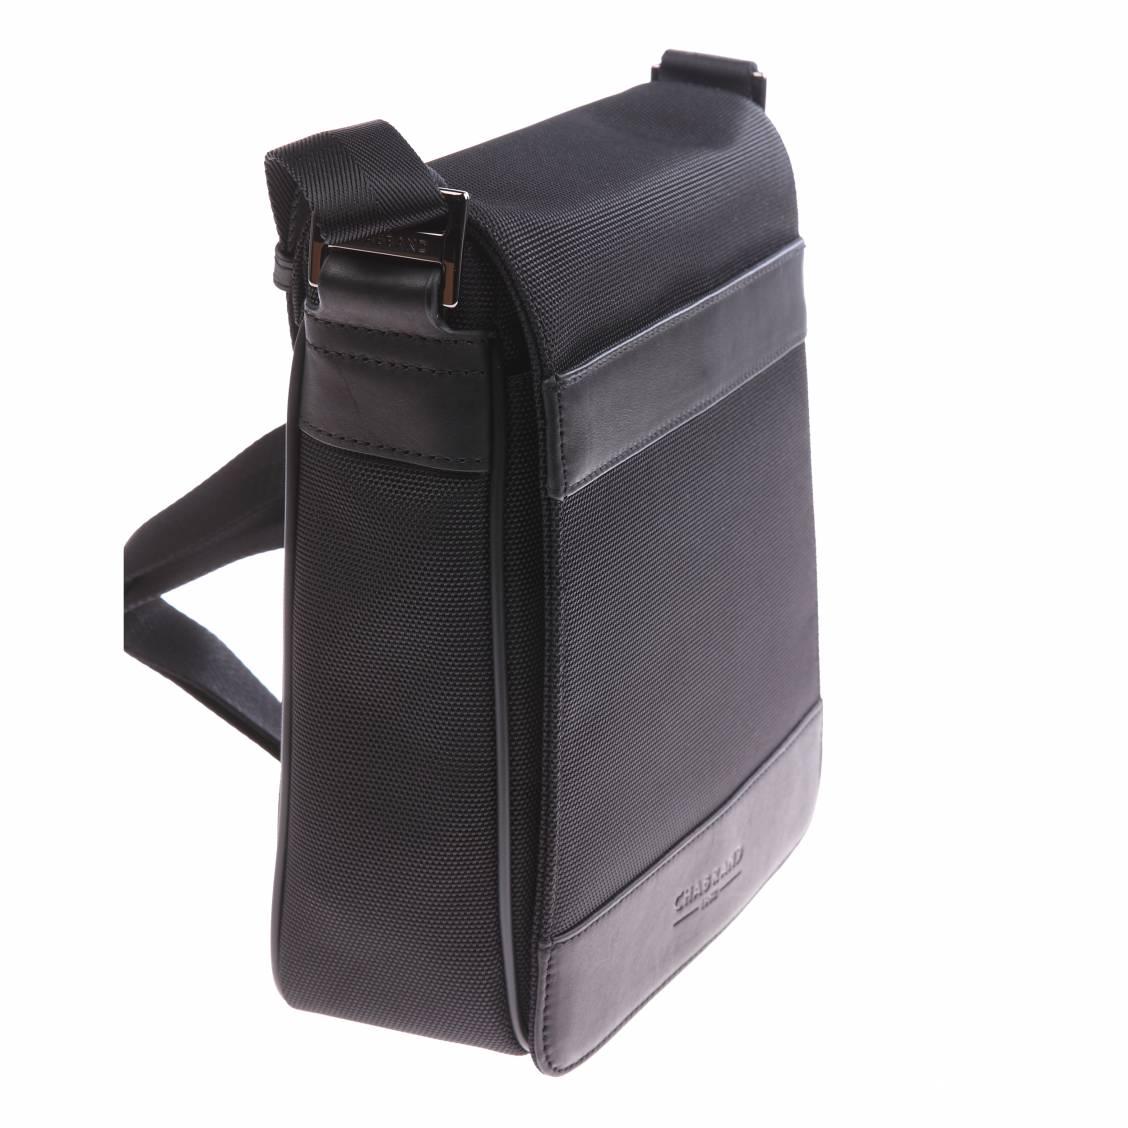 petite sacoche chabrand en toile garnie de cuir noire avec rabat rue des hommes. Black Bedroom Furniture Sets. Home Design Ideas